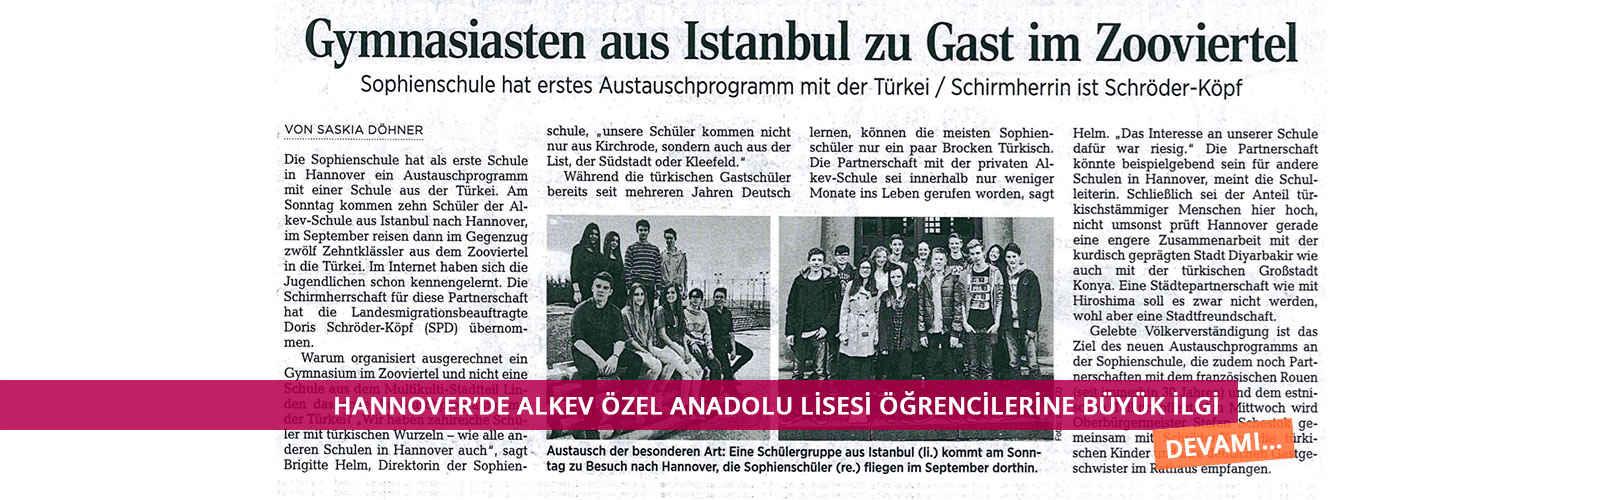 Hannover'de ALKEV Özel Anadolu Lisesi Öğrencilerine Büyük İlgi